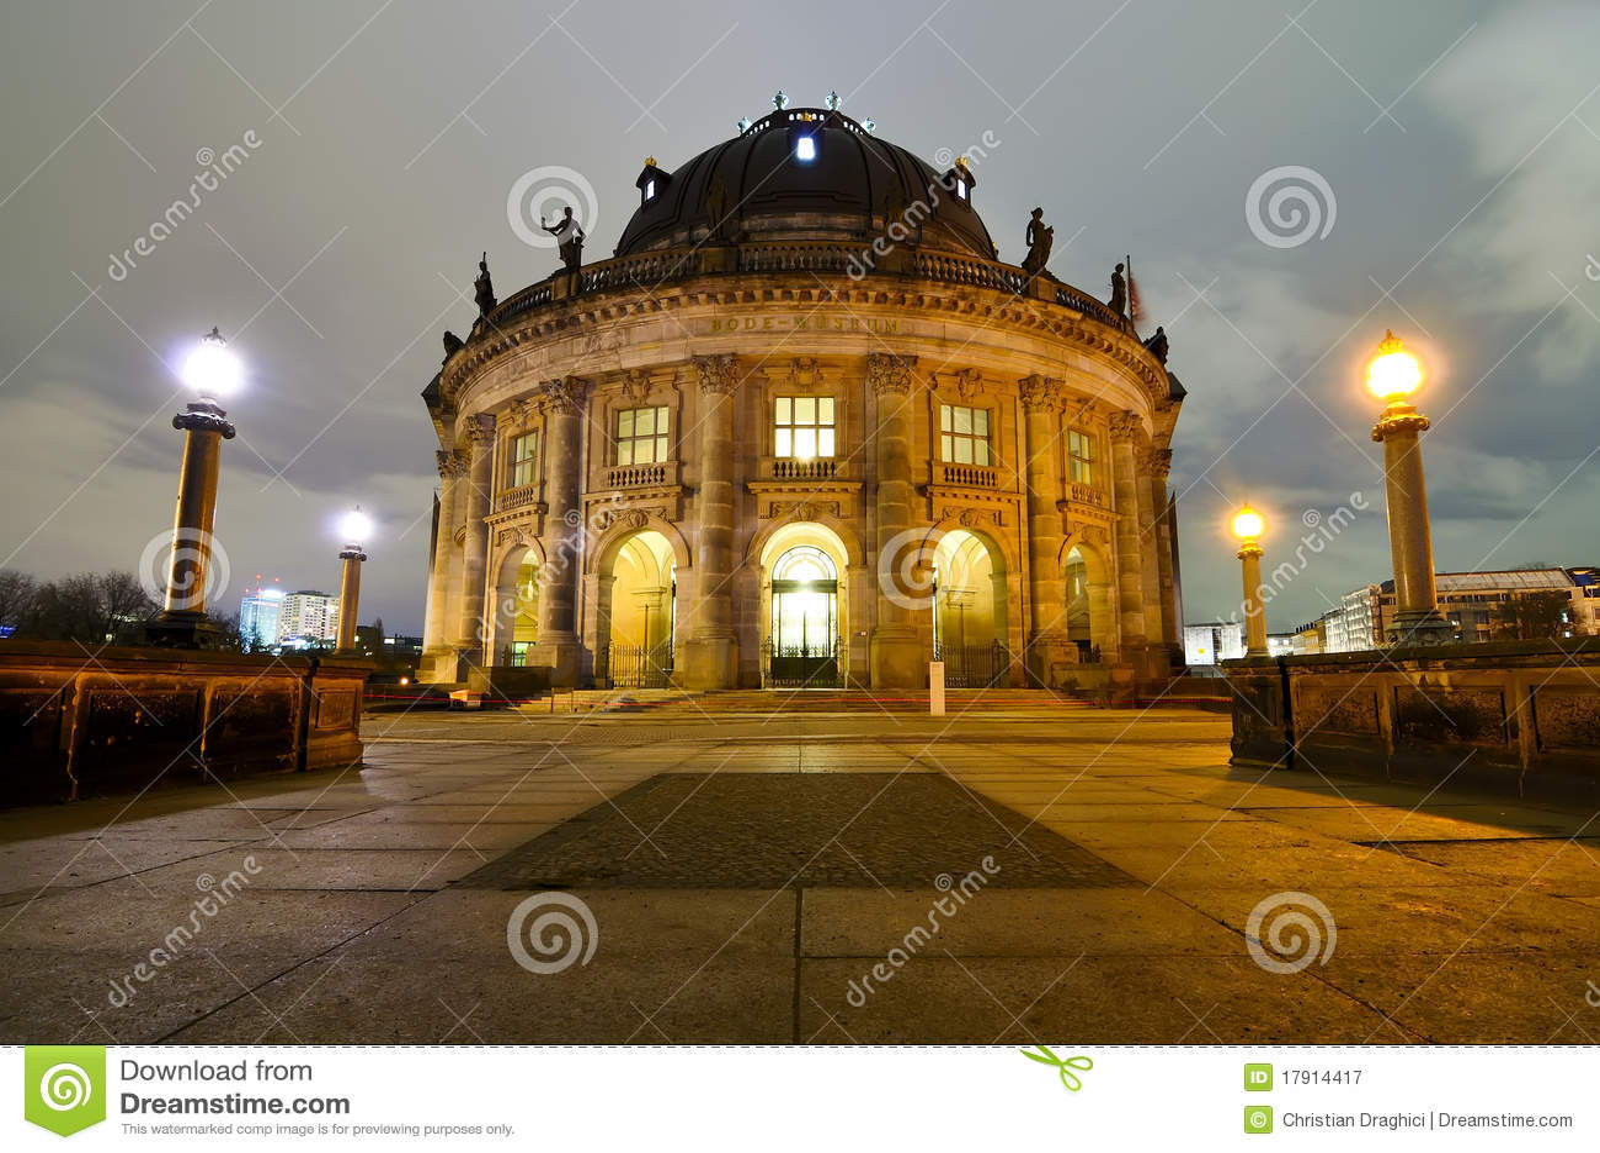 Bode museum in berlin